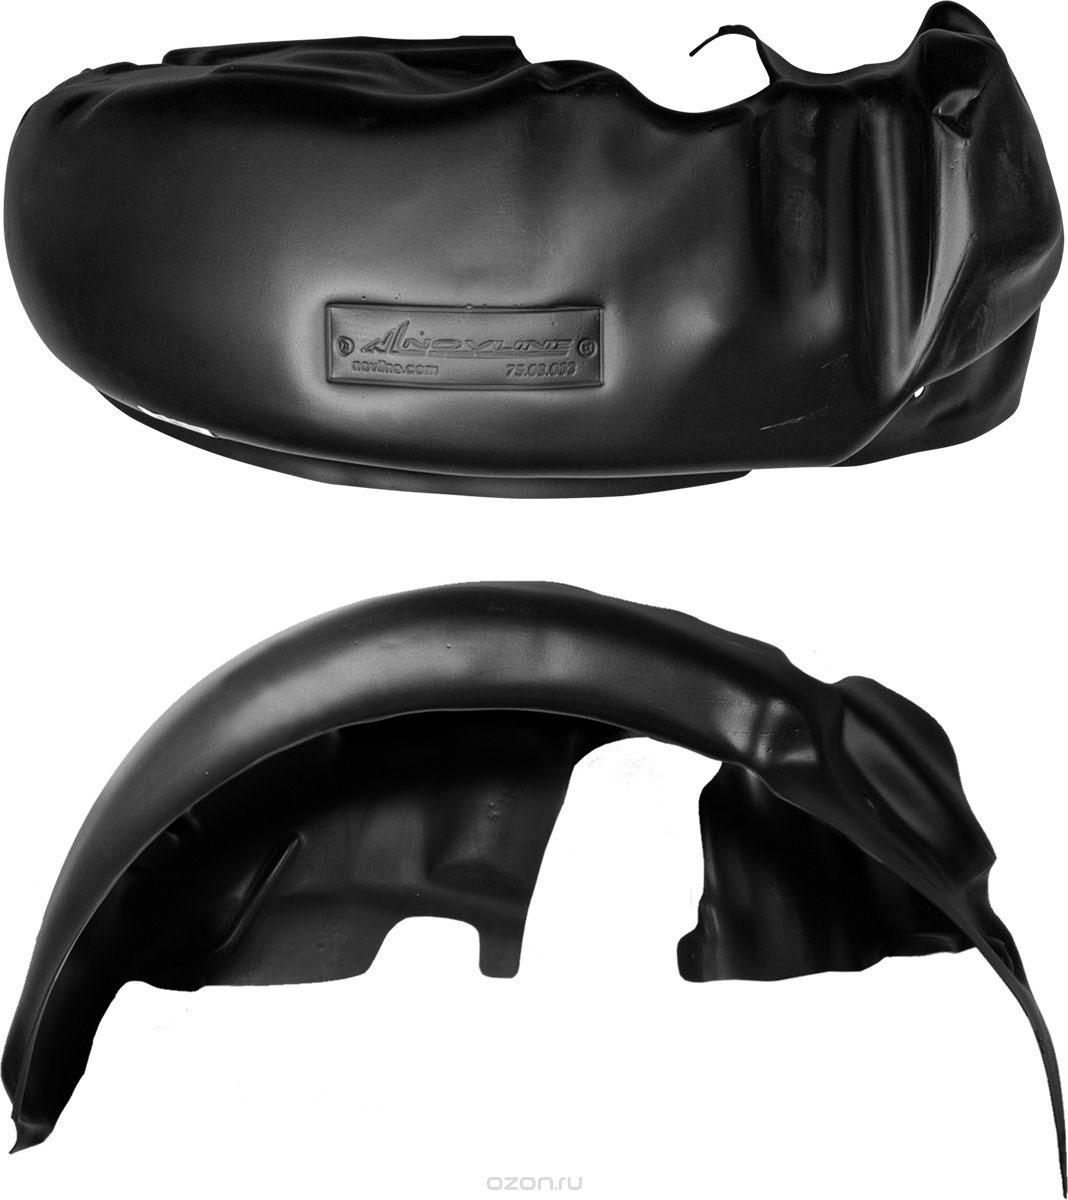 Подкрылок Novline-Autofamily, для НИВА 4*4 2009->, передний левыйVCA-00Идеальная защита колесной ниши. Локеры разработаны с применением цифровых технологий, гарантируют максимальную повторяемость поверхности арки. Изделия устанавливаются без нарушения лакокрасочного покрытия автомобиля, каждый подкрылок комплектуется крепежом. Уважаемые клиенты, обращаем ваше внимание, что фотографии на подкрылки универсальные и не отражают реальную форму изделия. При этом само изделие идет точно под размер указанного автомобиля.